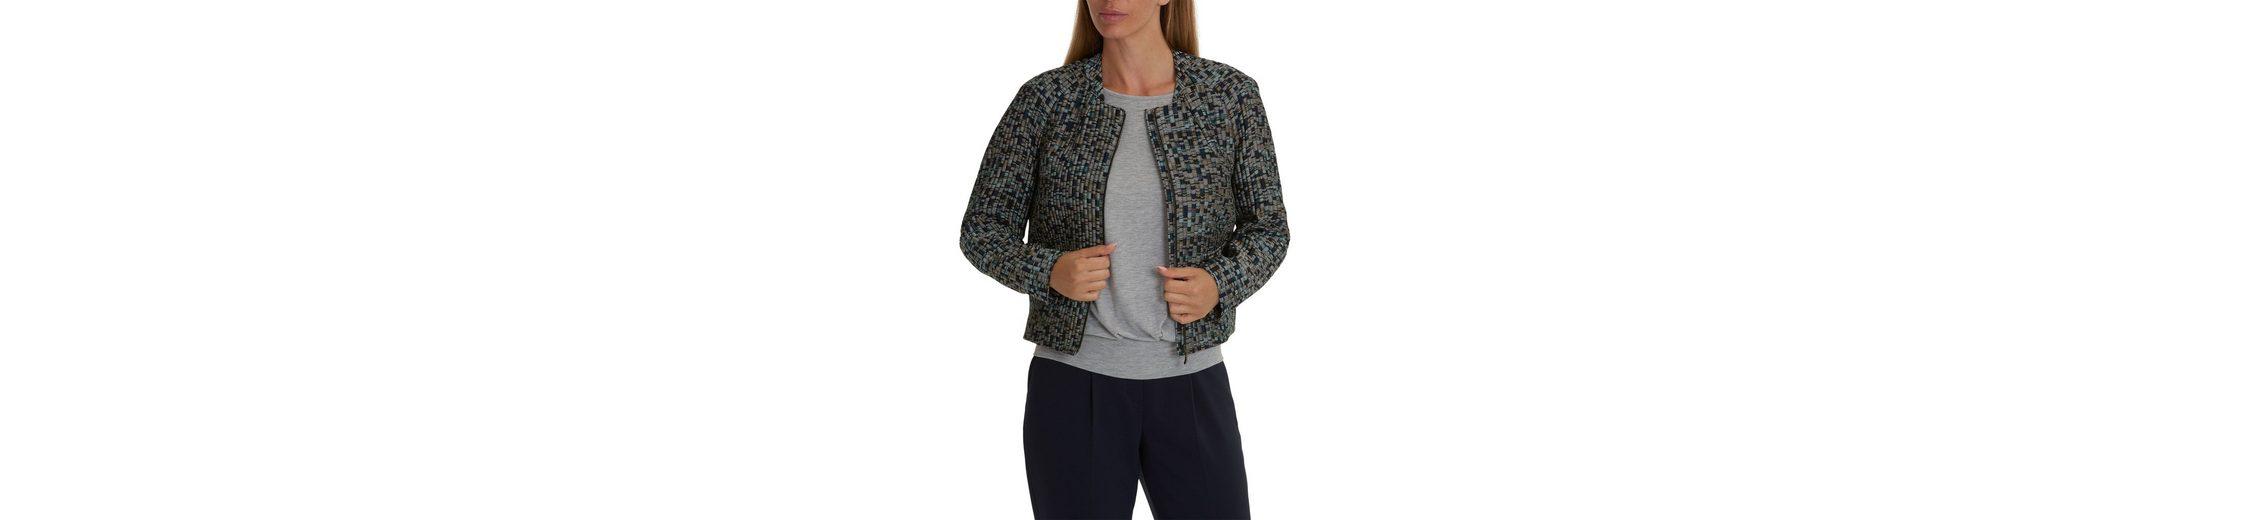 Betty&Co Jacke mit eleganten Design Die Besten Preise Zu Verkaufen FFNF71D5S3